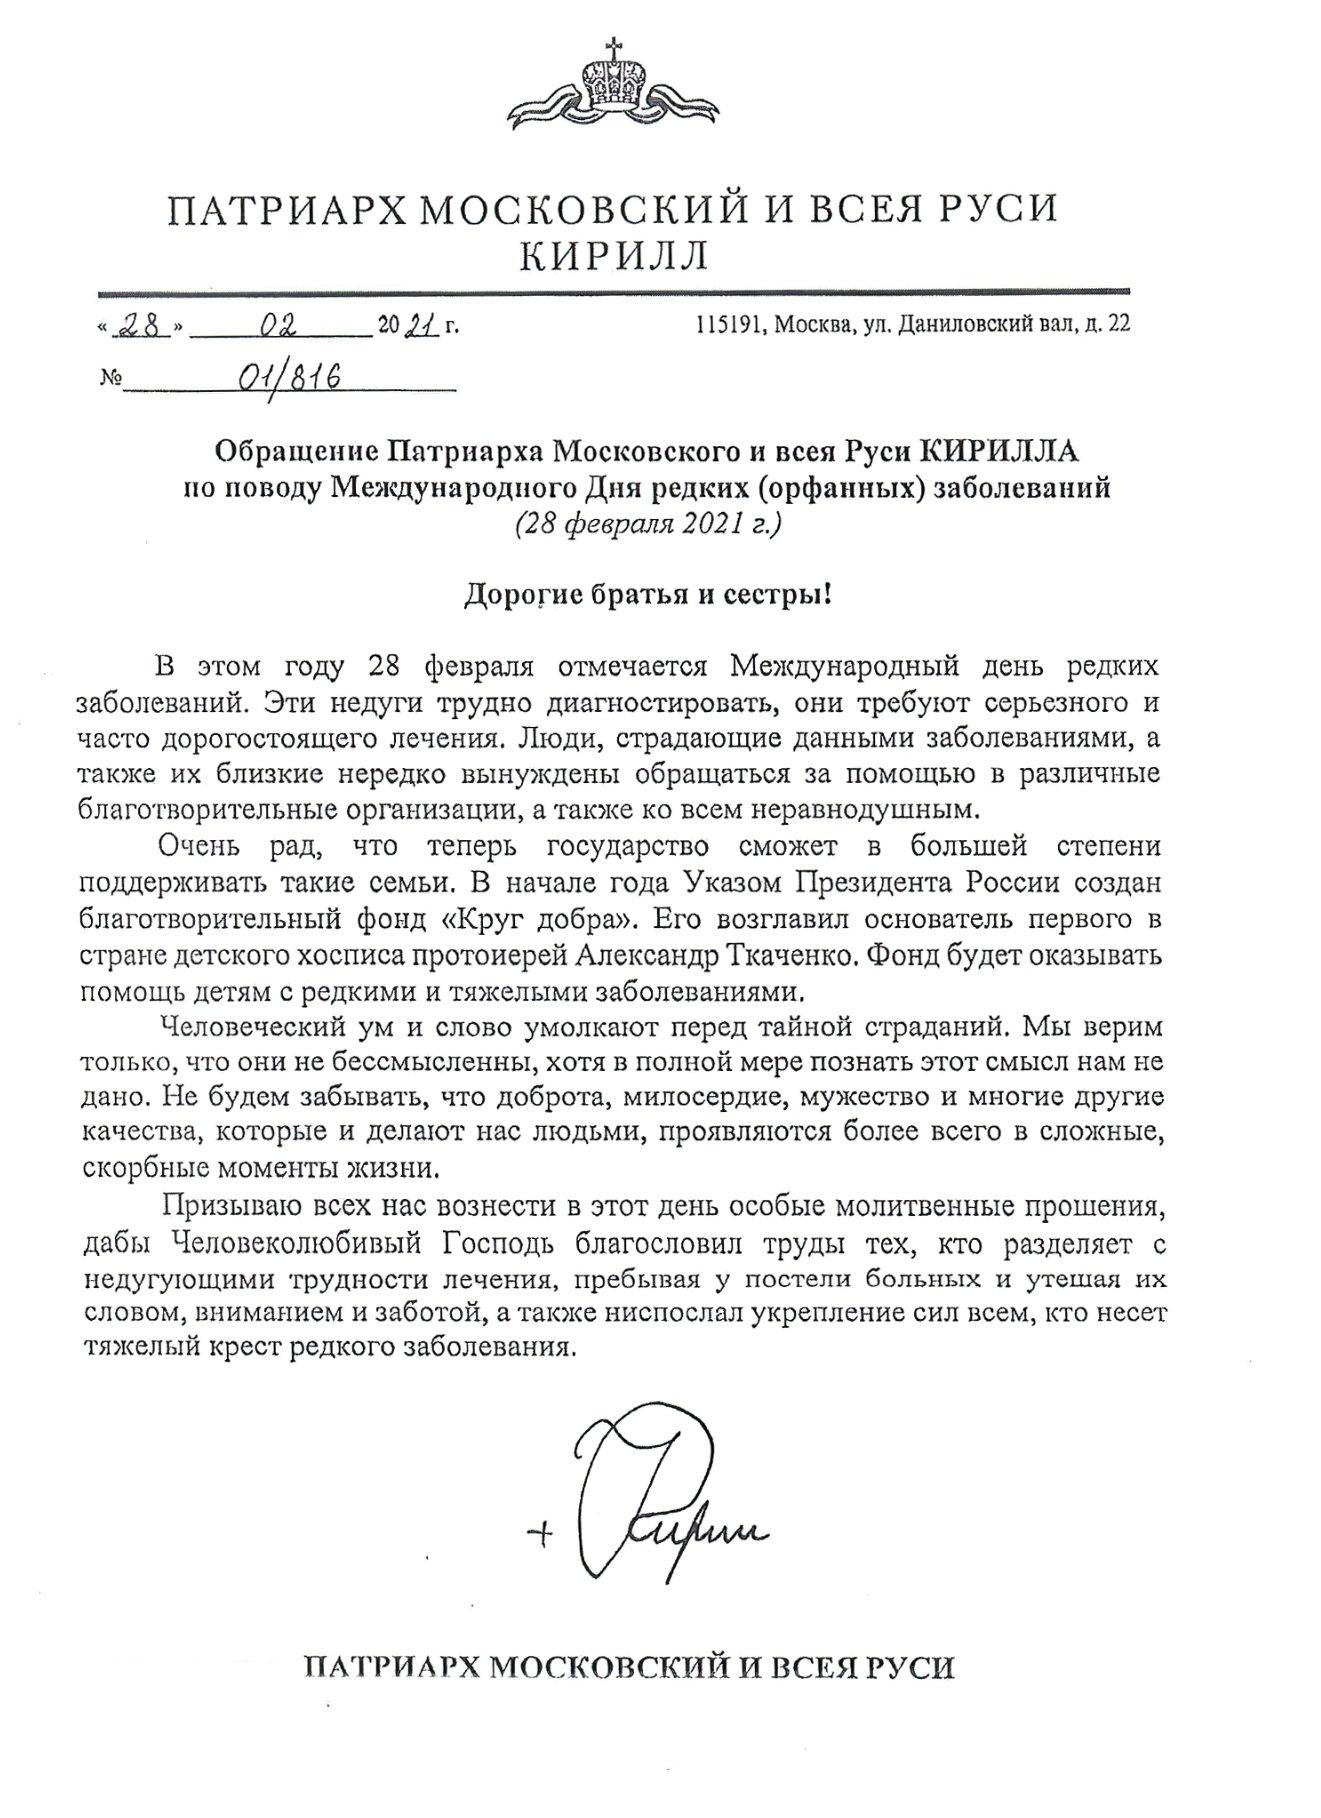 Обращение Патриарха Кирилла